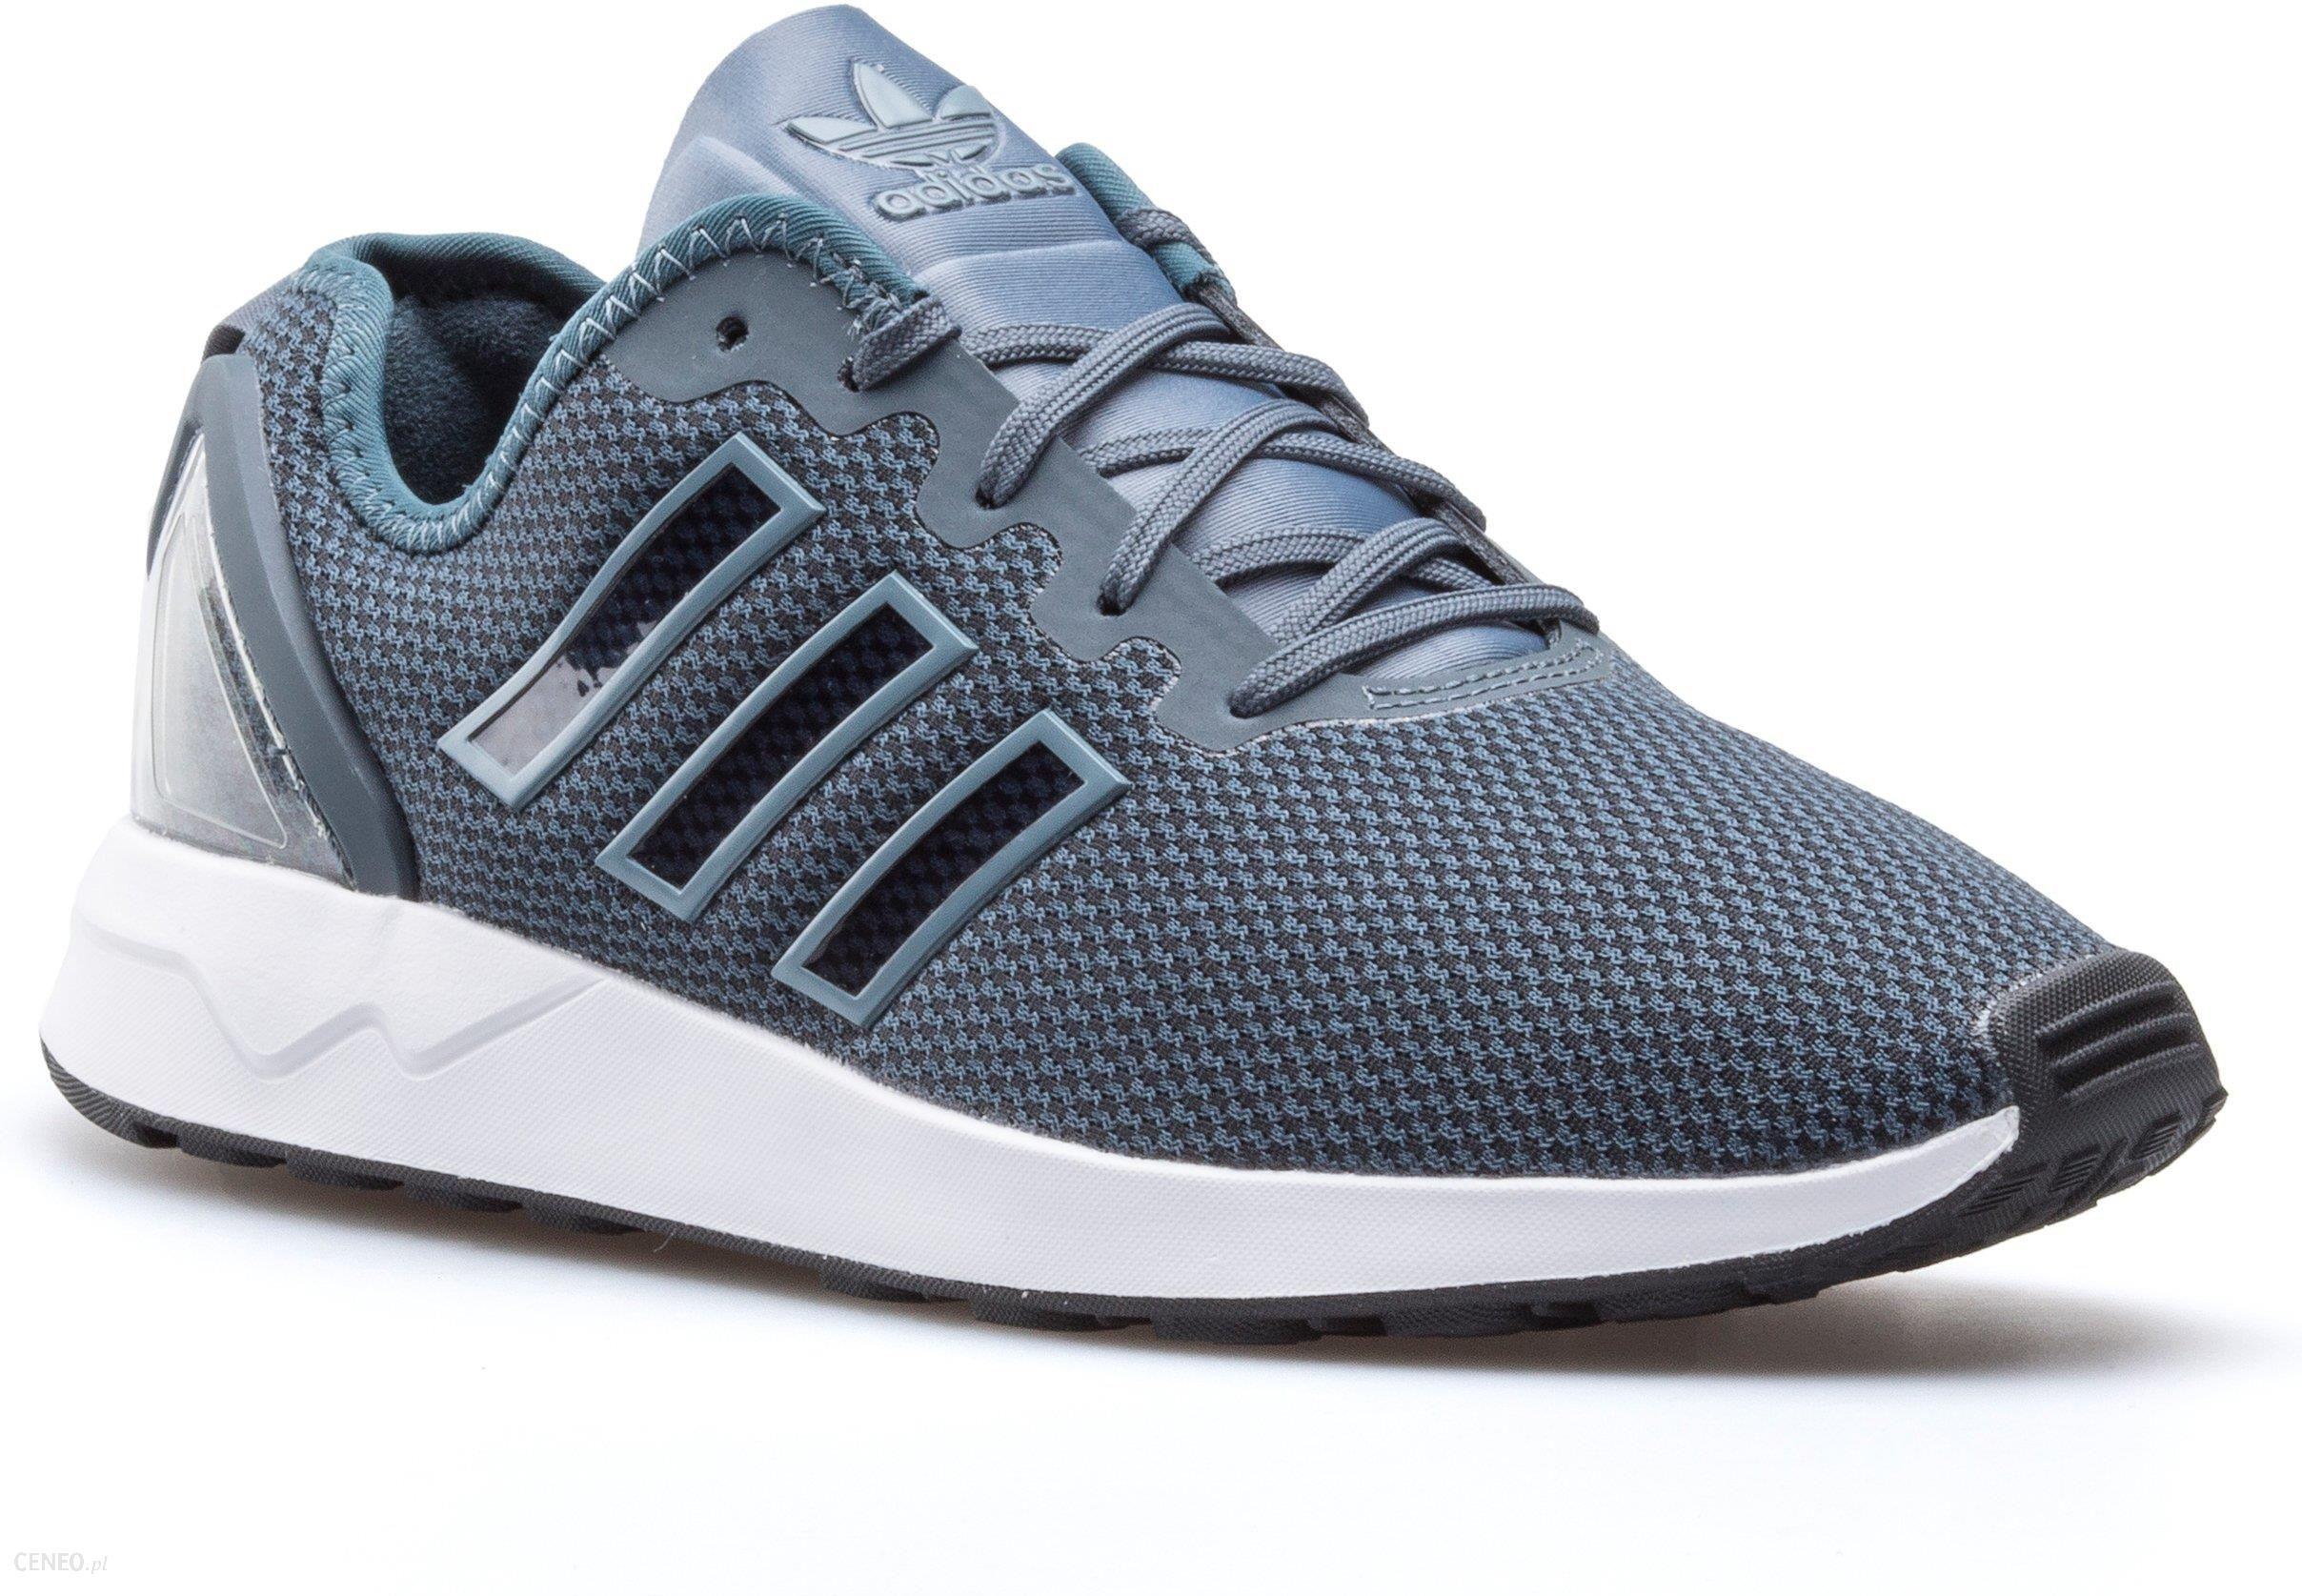 Buty sportowe Adidas Zx Flux Adv [S79006] 42 23 Ceny i opinie Ceneo.pl